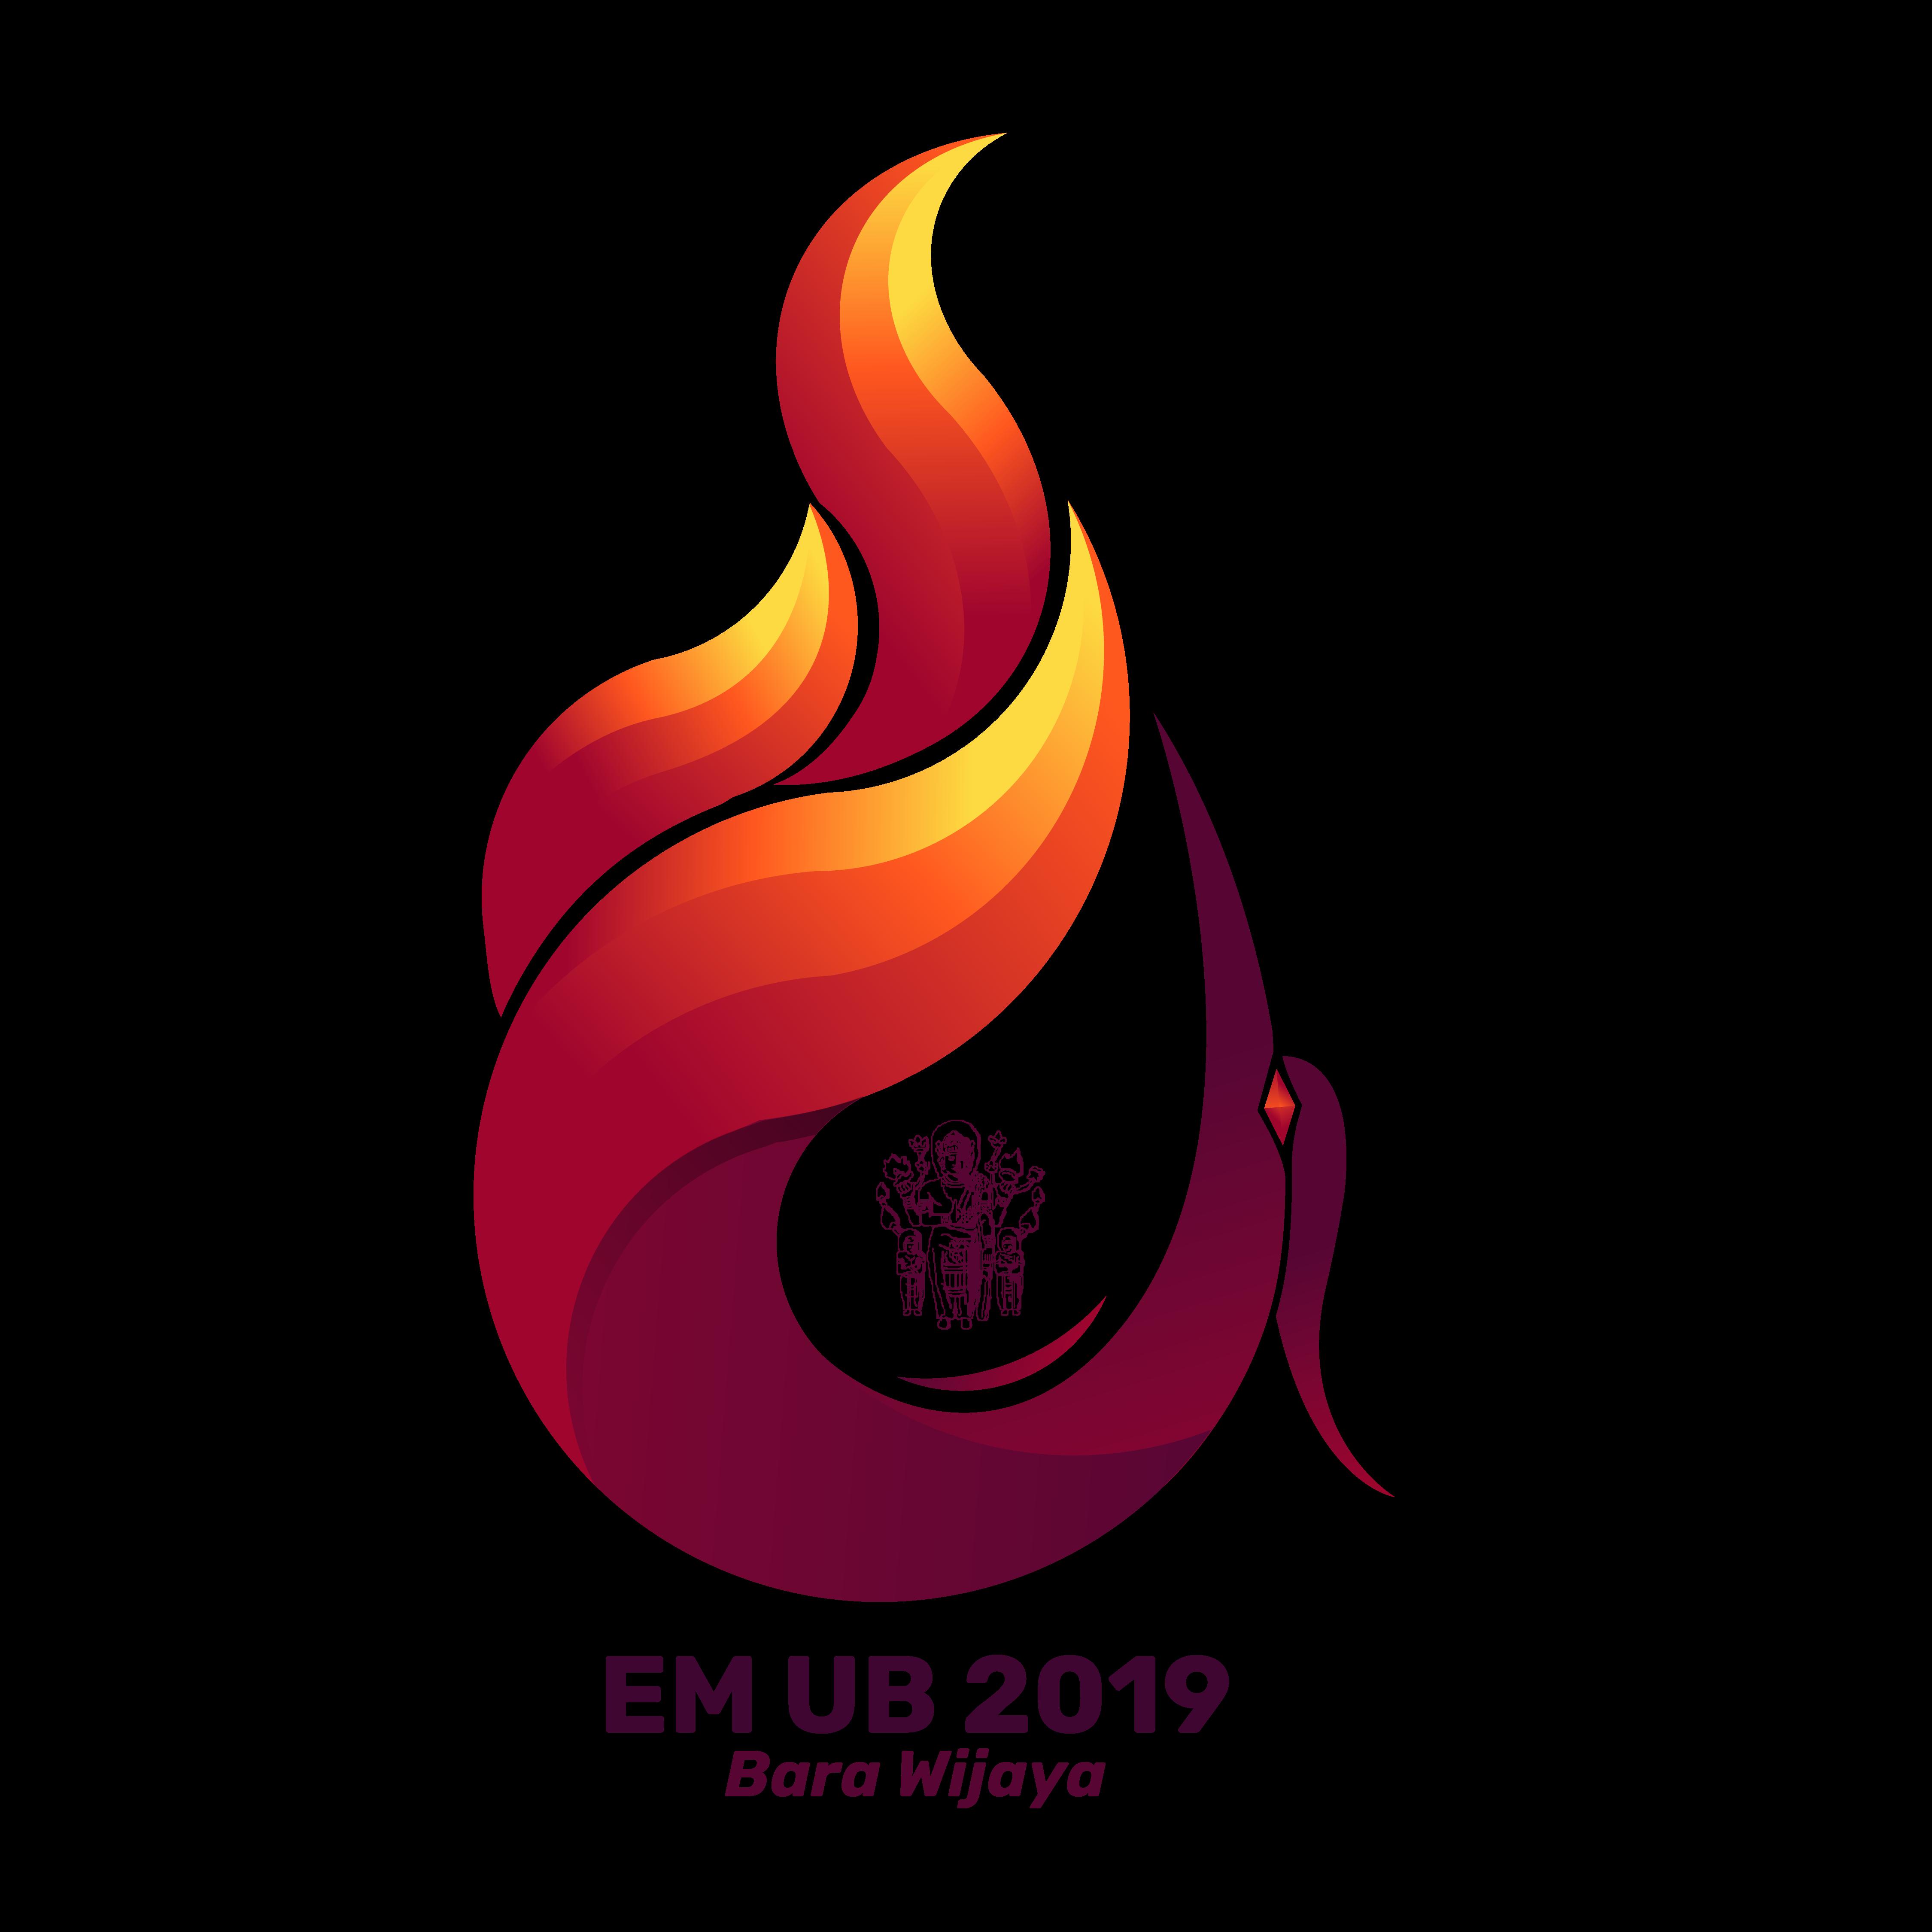 EM UB 2019